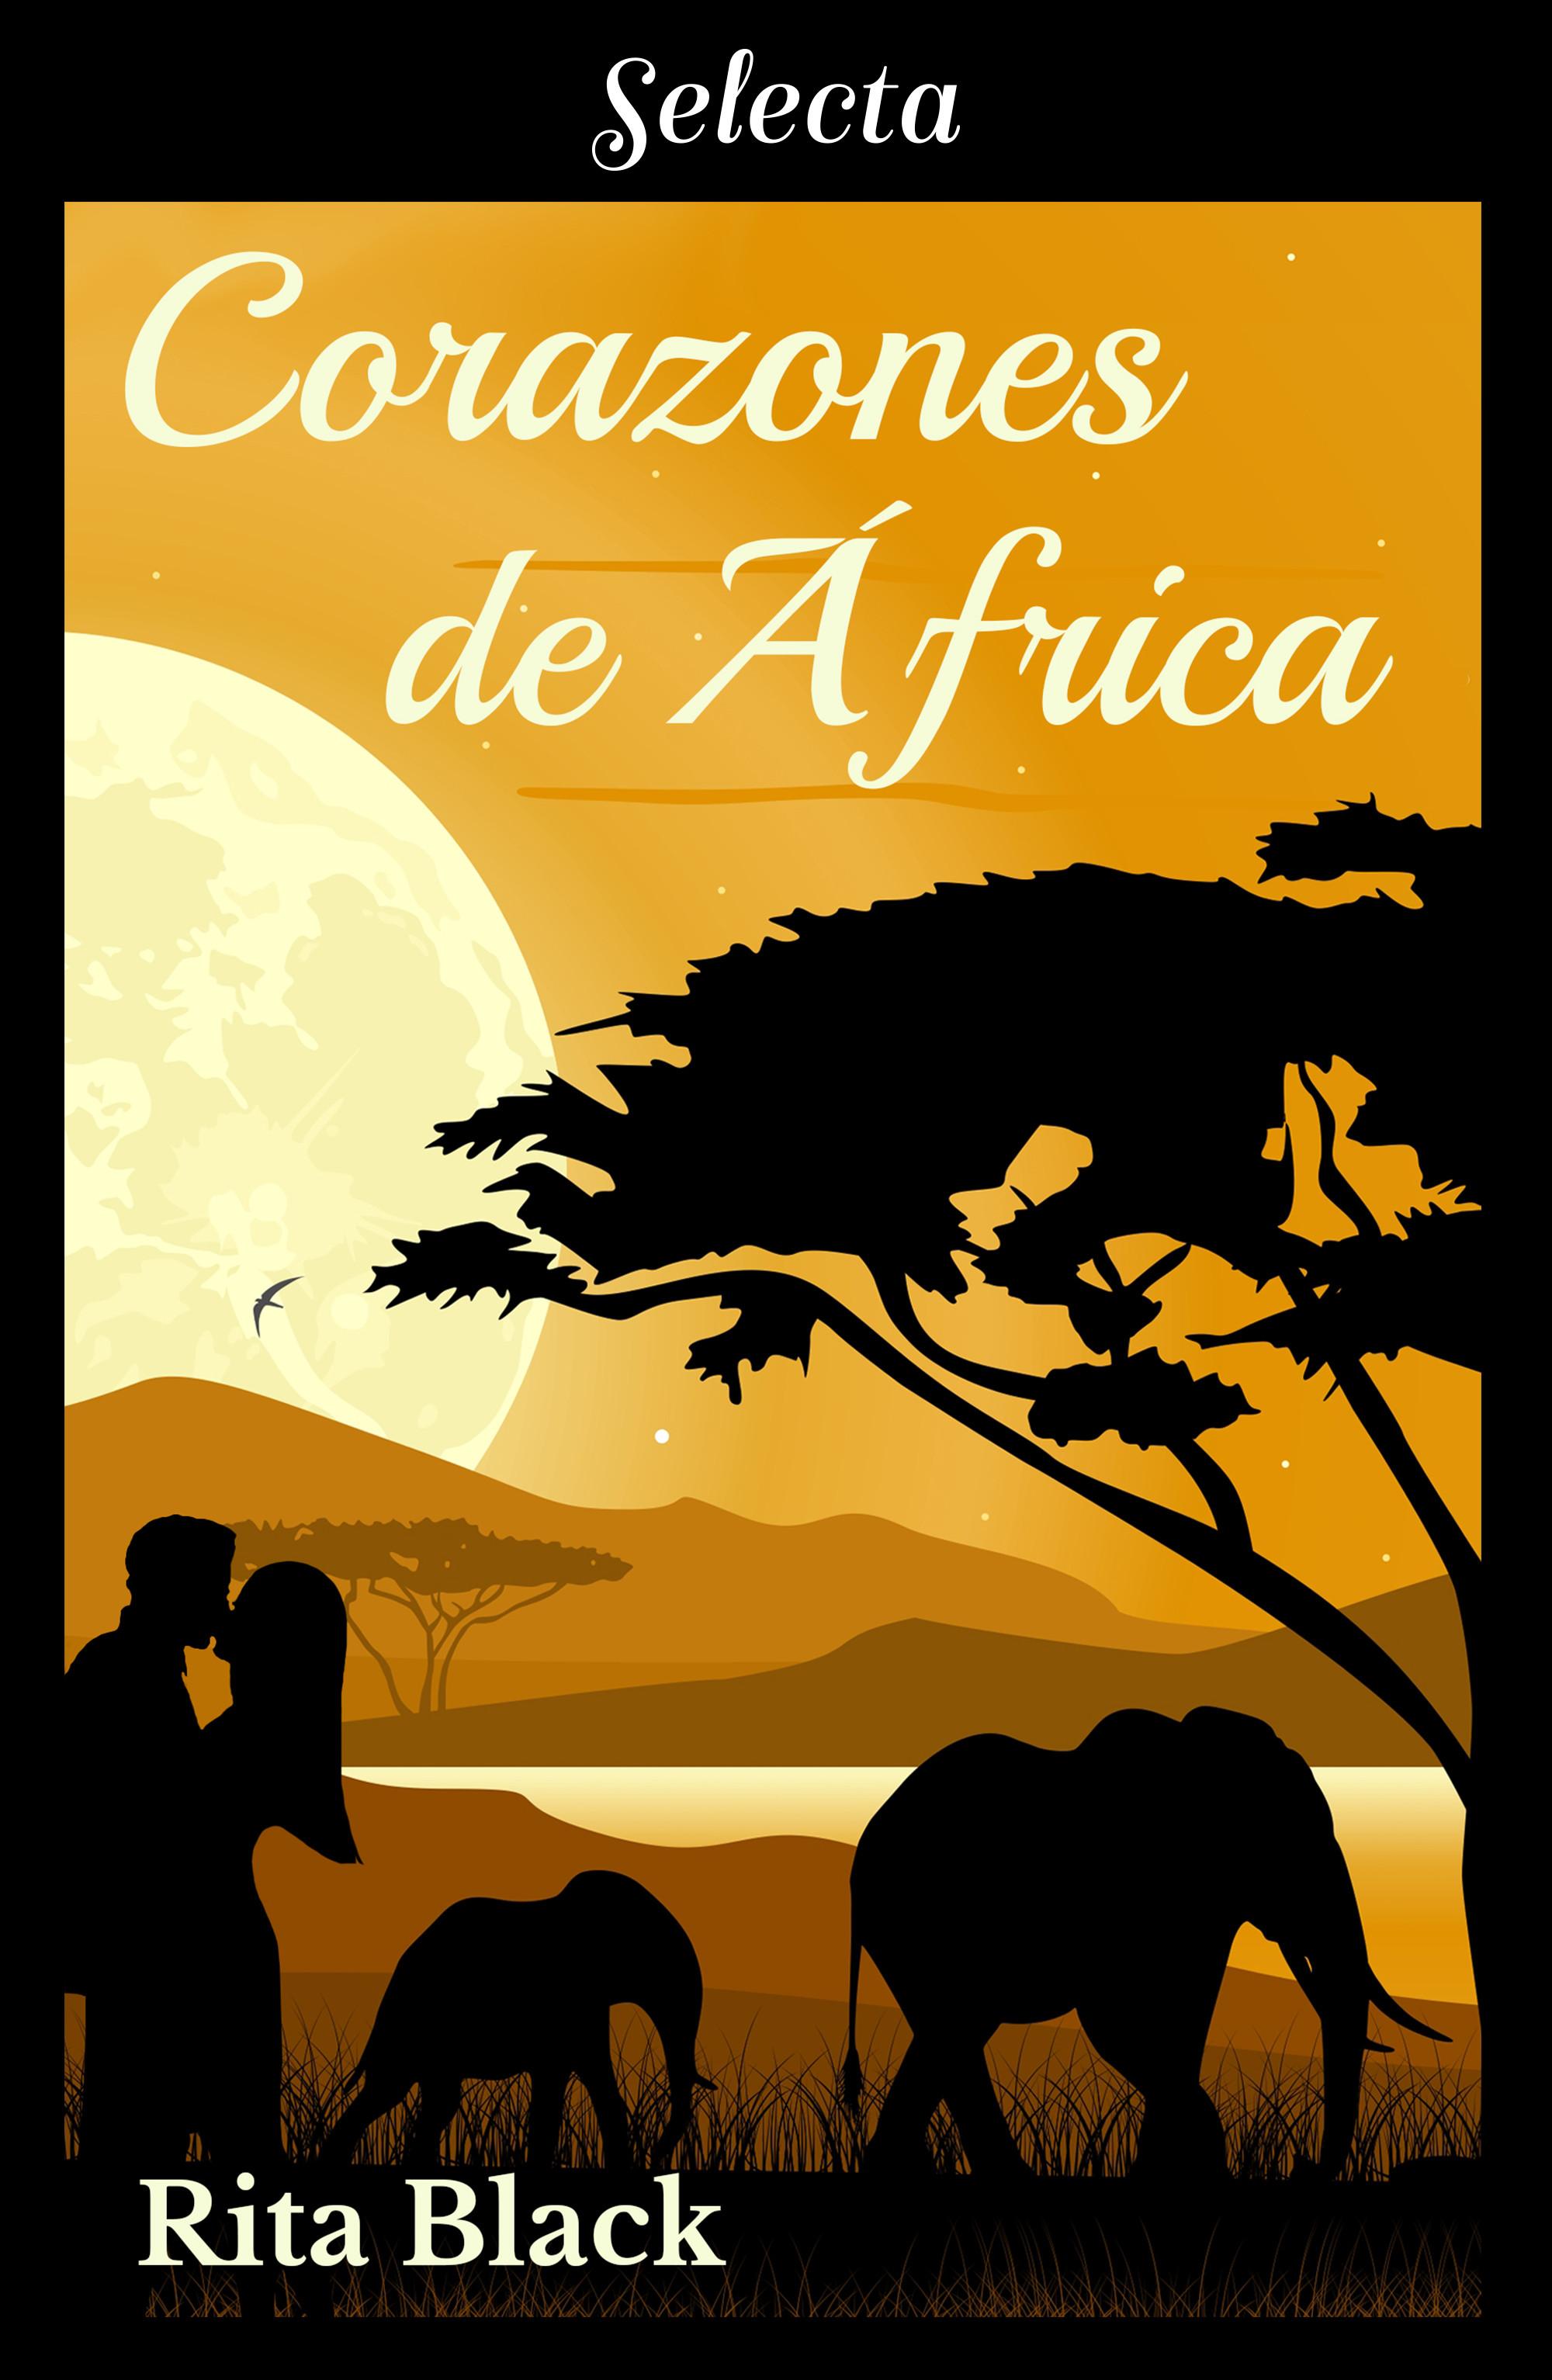 Corazones de África